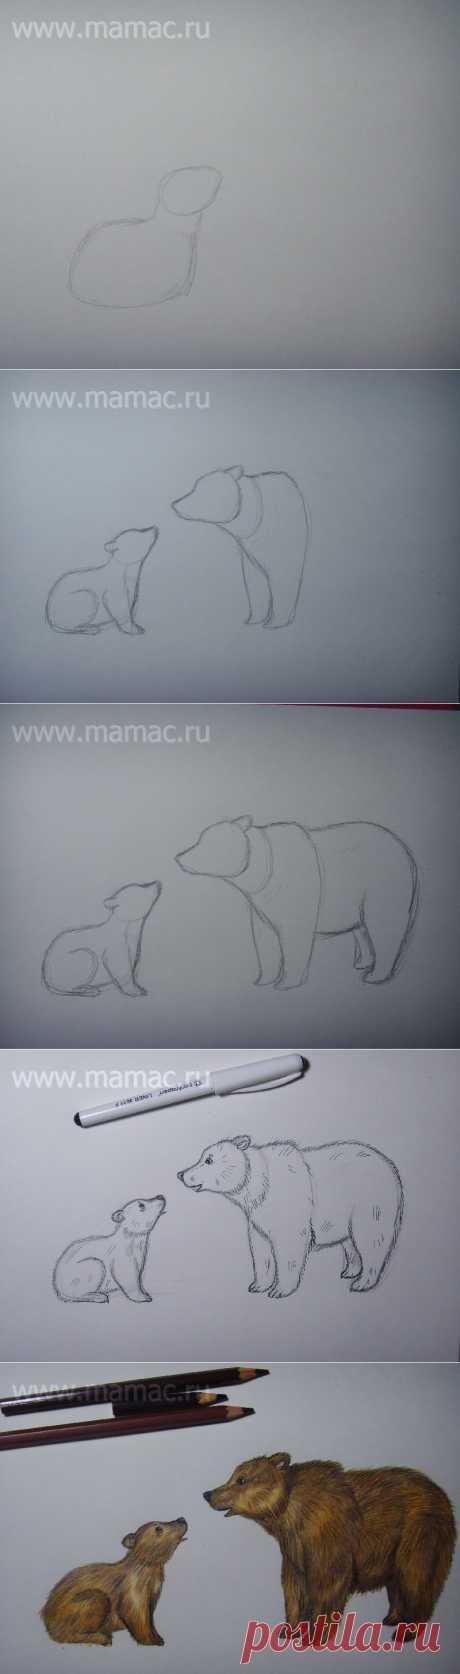 Научитесь рисовать сами и научите своих детей. Весь блог про рисование: лягушки, козы, петушка, котика и пр.